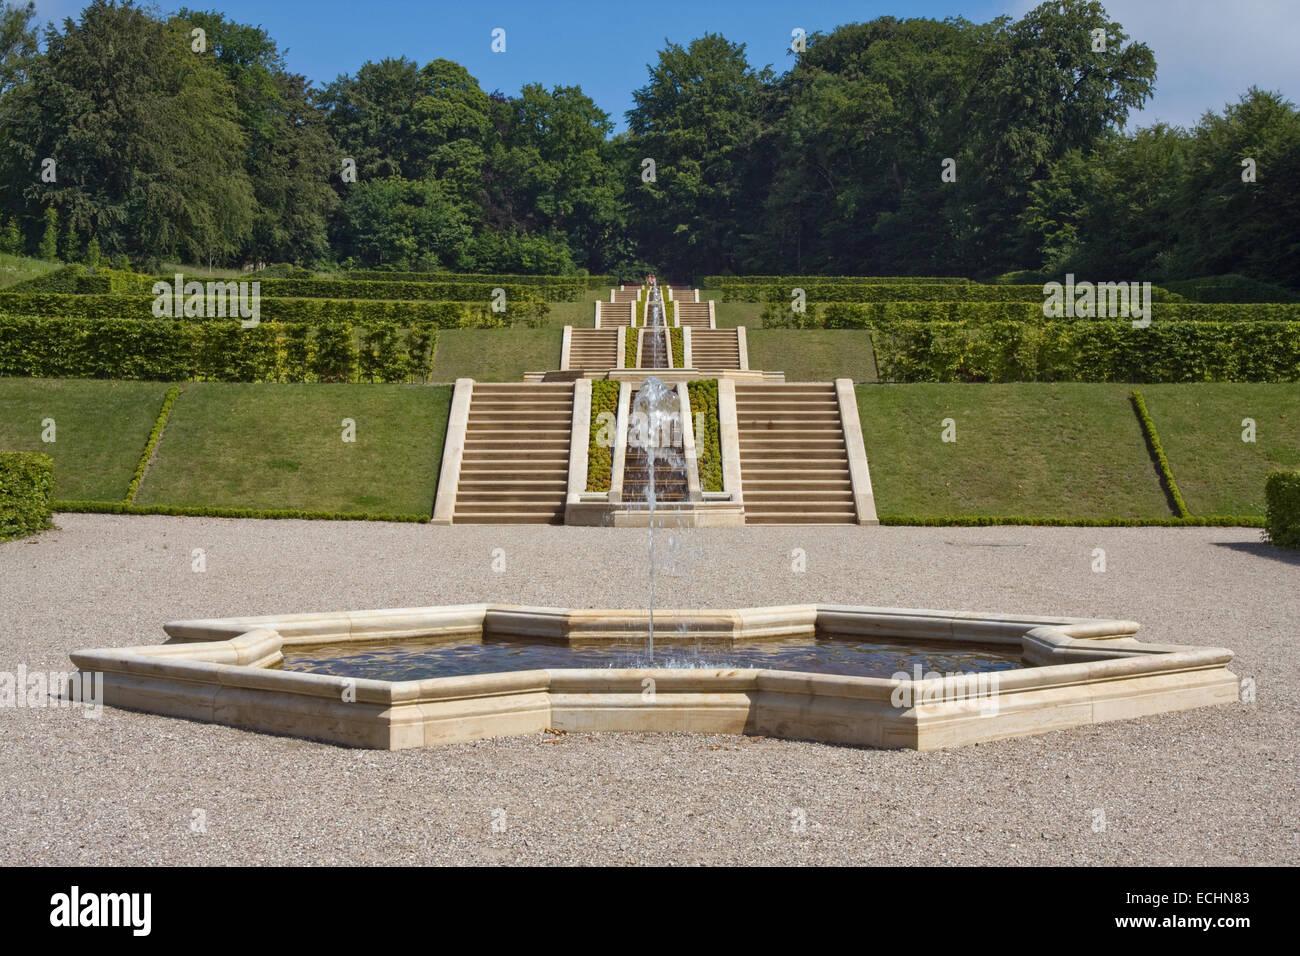 Europa, Deutschland, Schleswig Holstein, Schleswig, Schloss Gottorf, Neuwerkgarten, grosse Kaskadenanlage - Stock Image